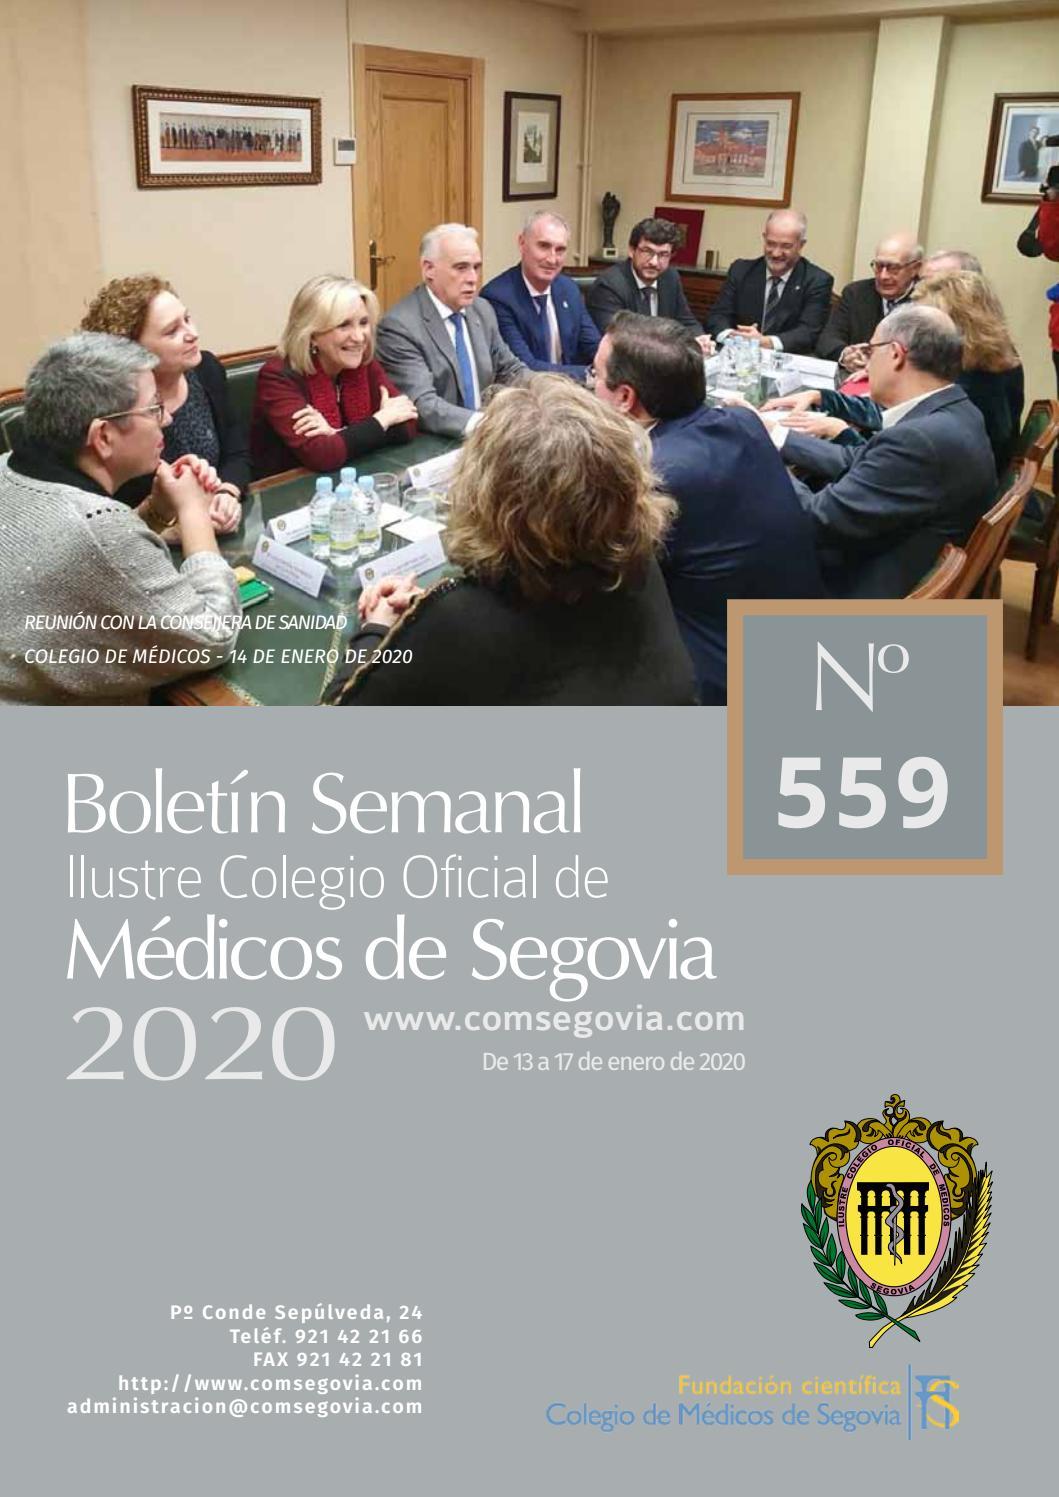 medicina 33 episodio de la próstata 2020 en línea